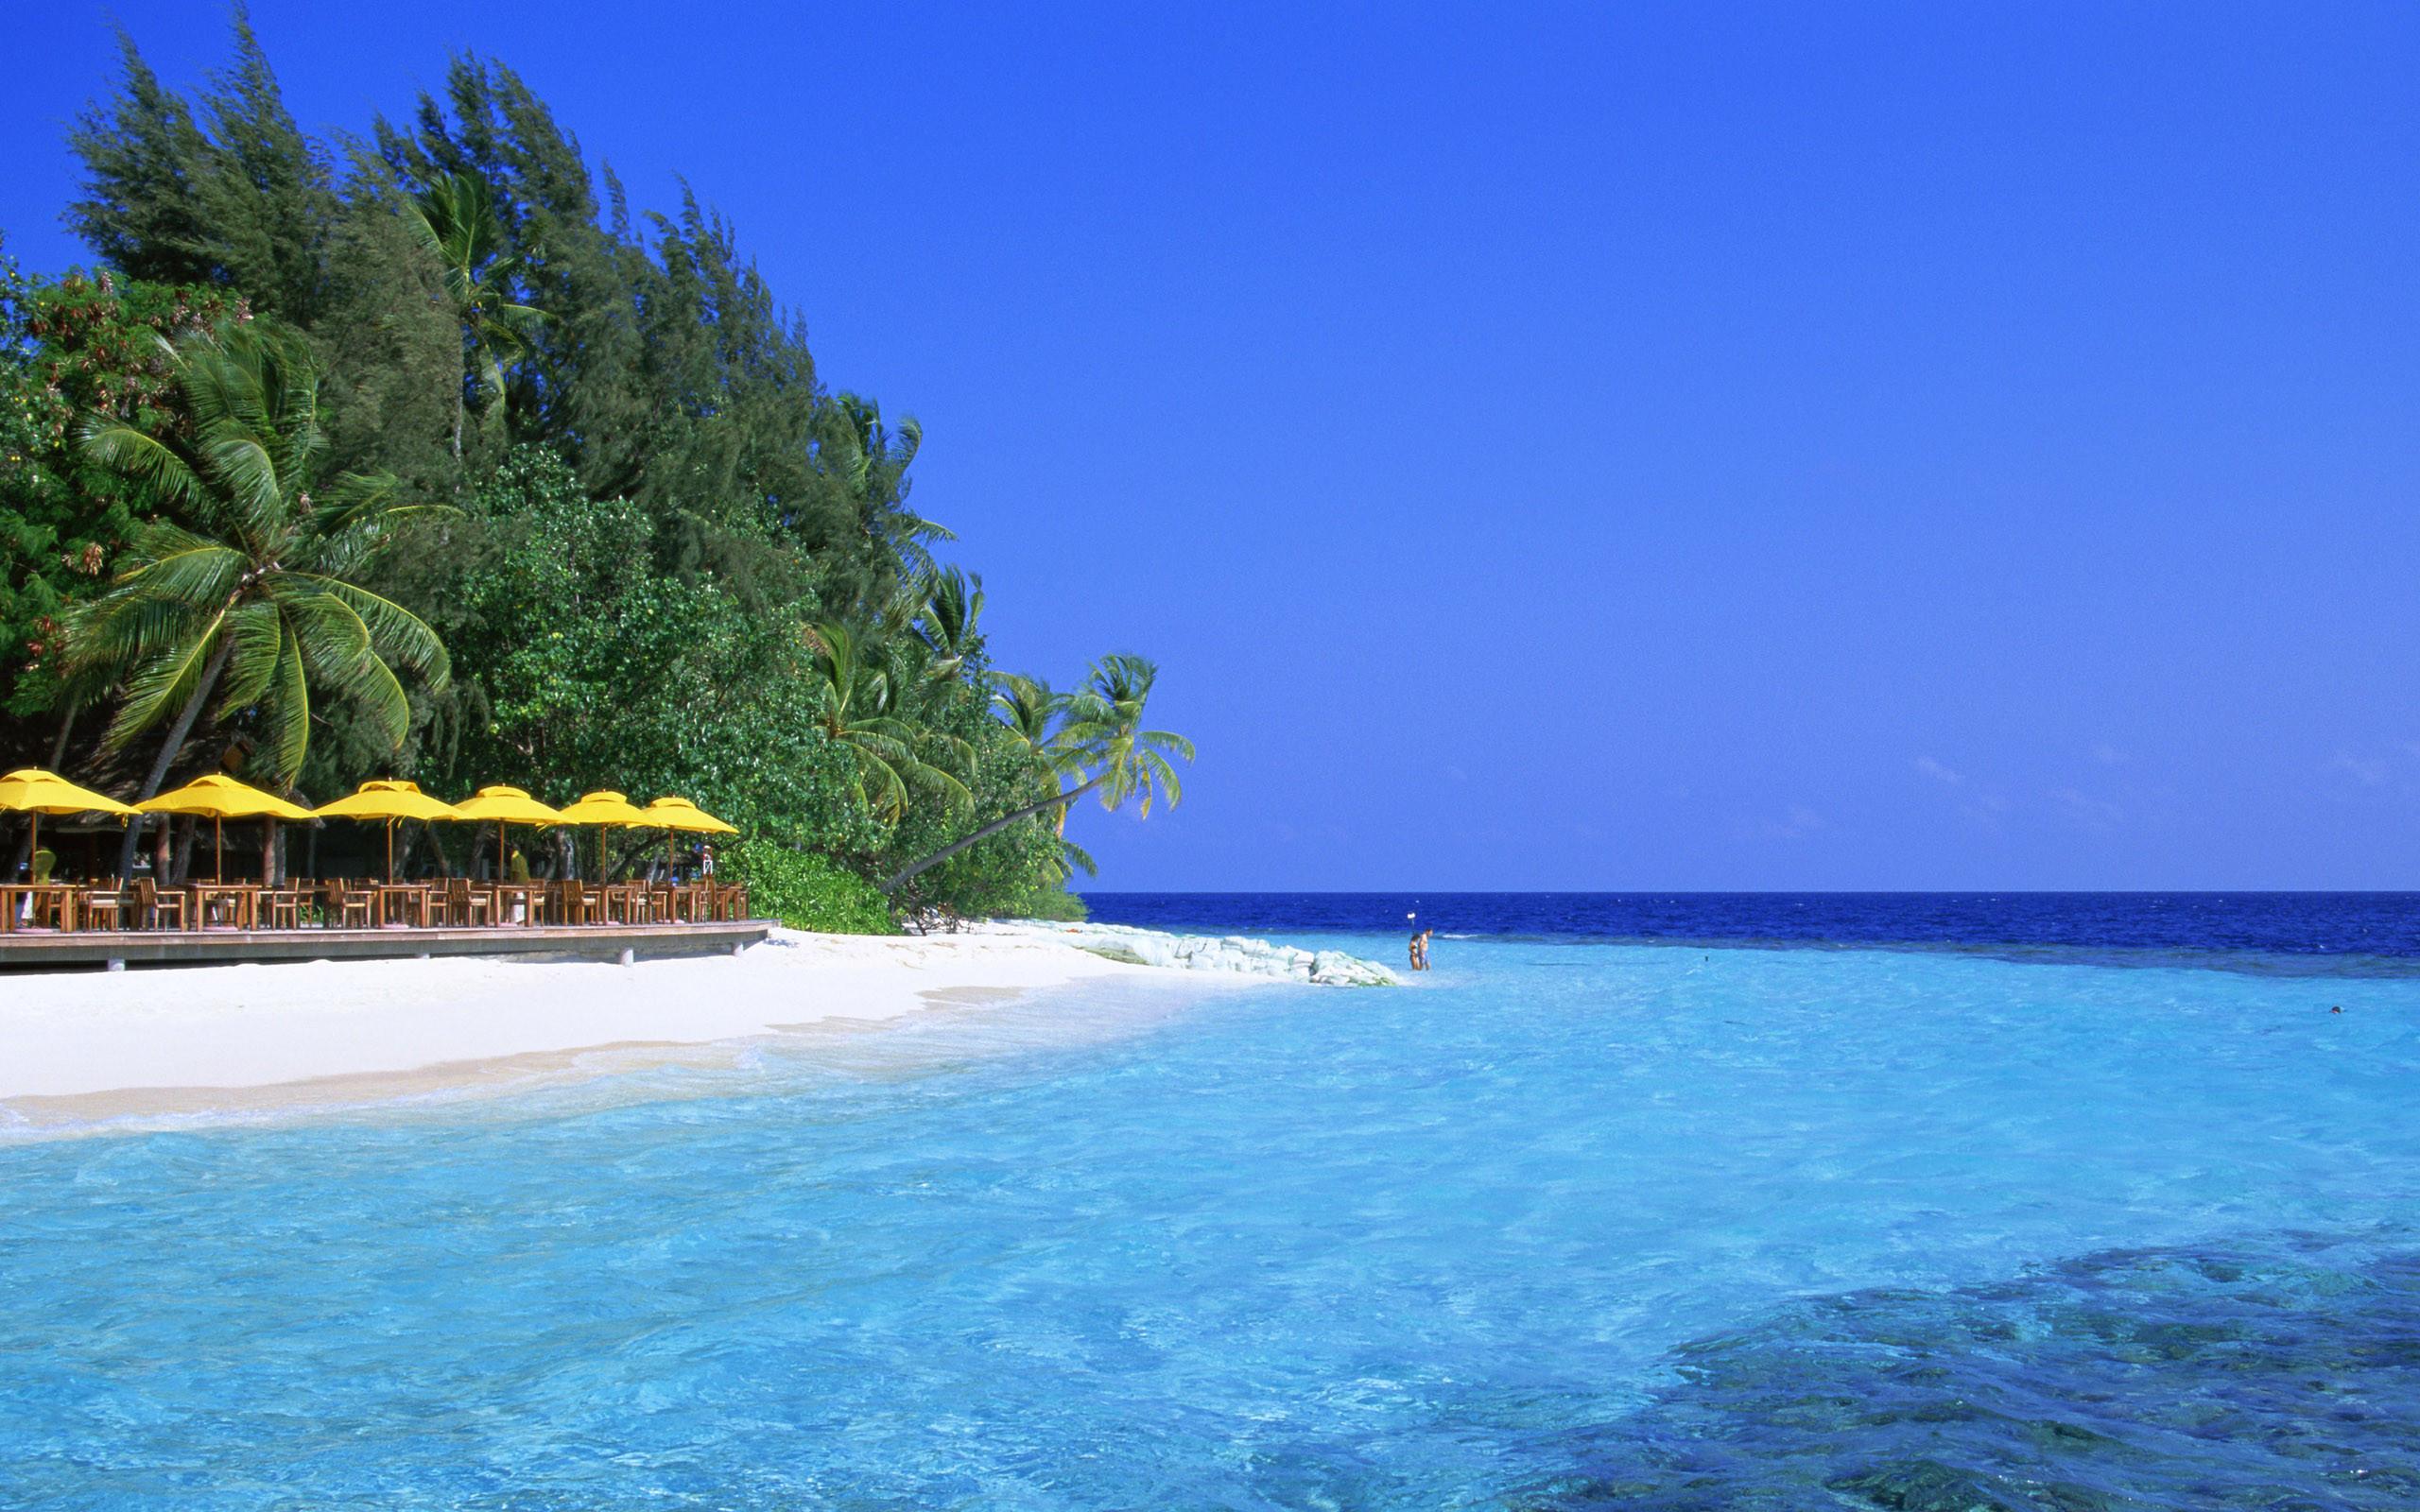 Beaches Islands HD Wallpapers, Beach Desktop Backgrounds, Images .